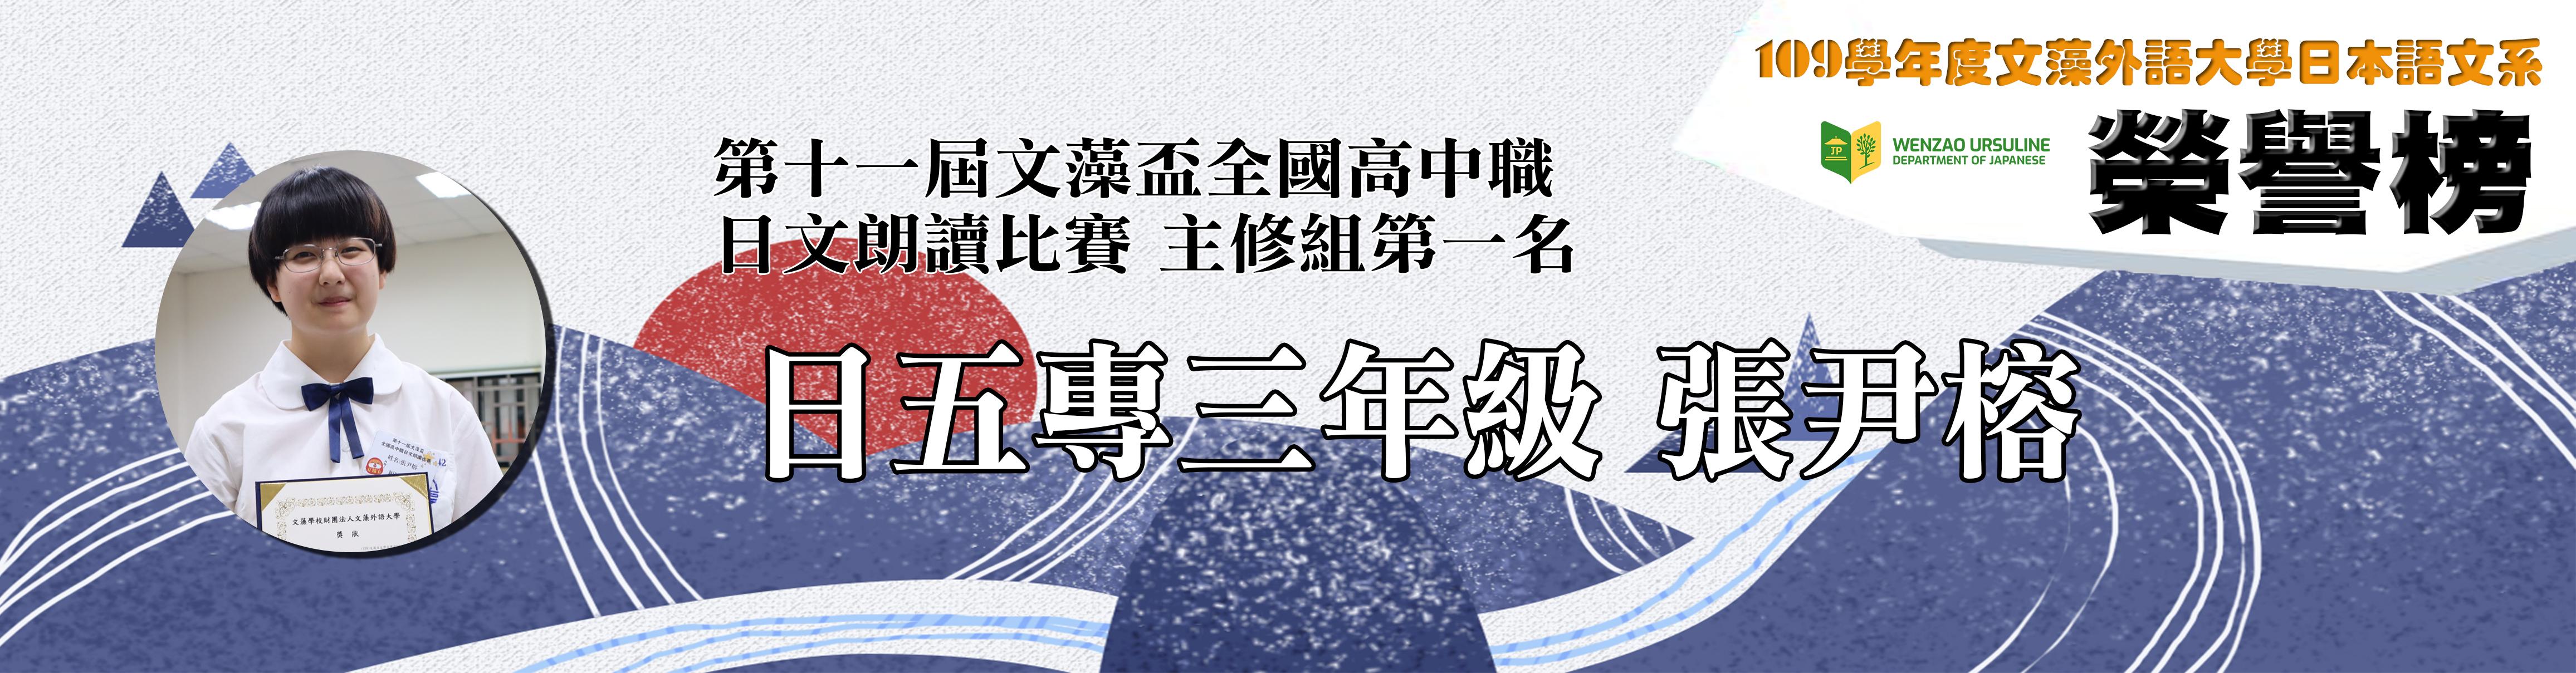 第11屆文藻盃全國高中職日文朗讀比賽-第一名張尹榕(另開新視窗)